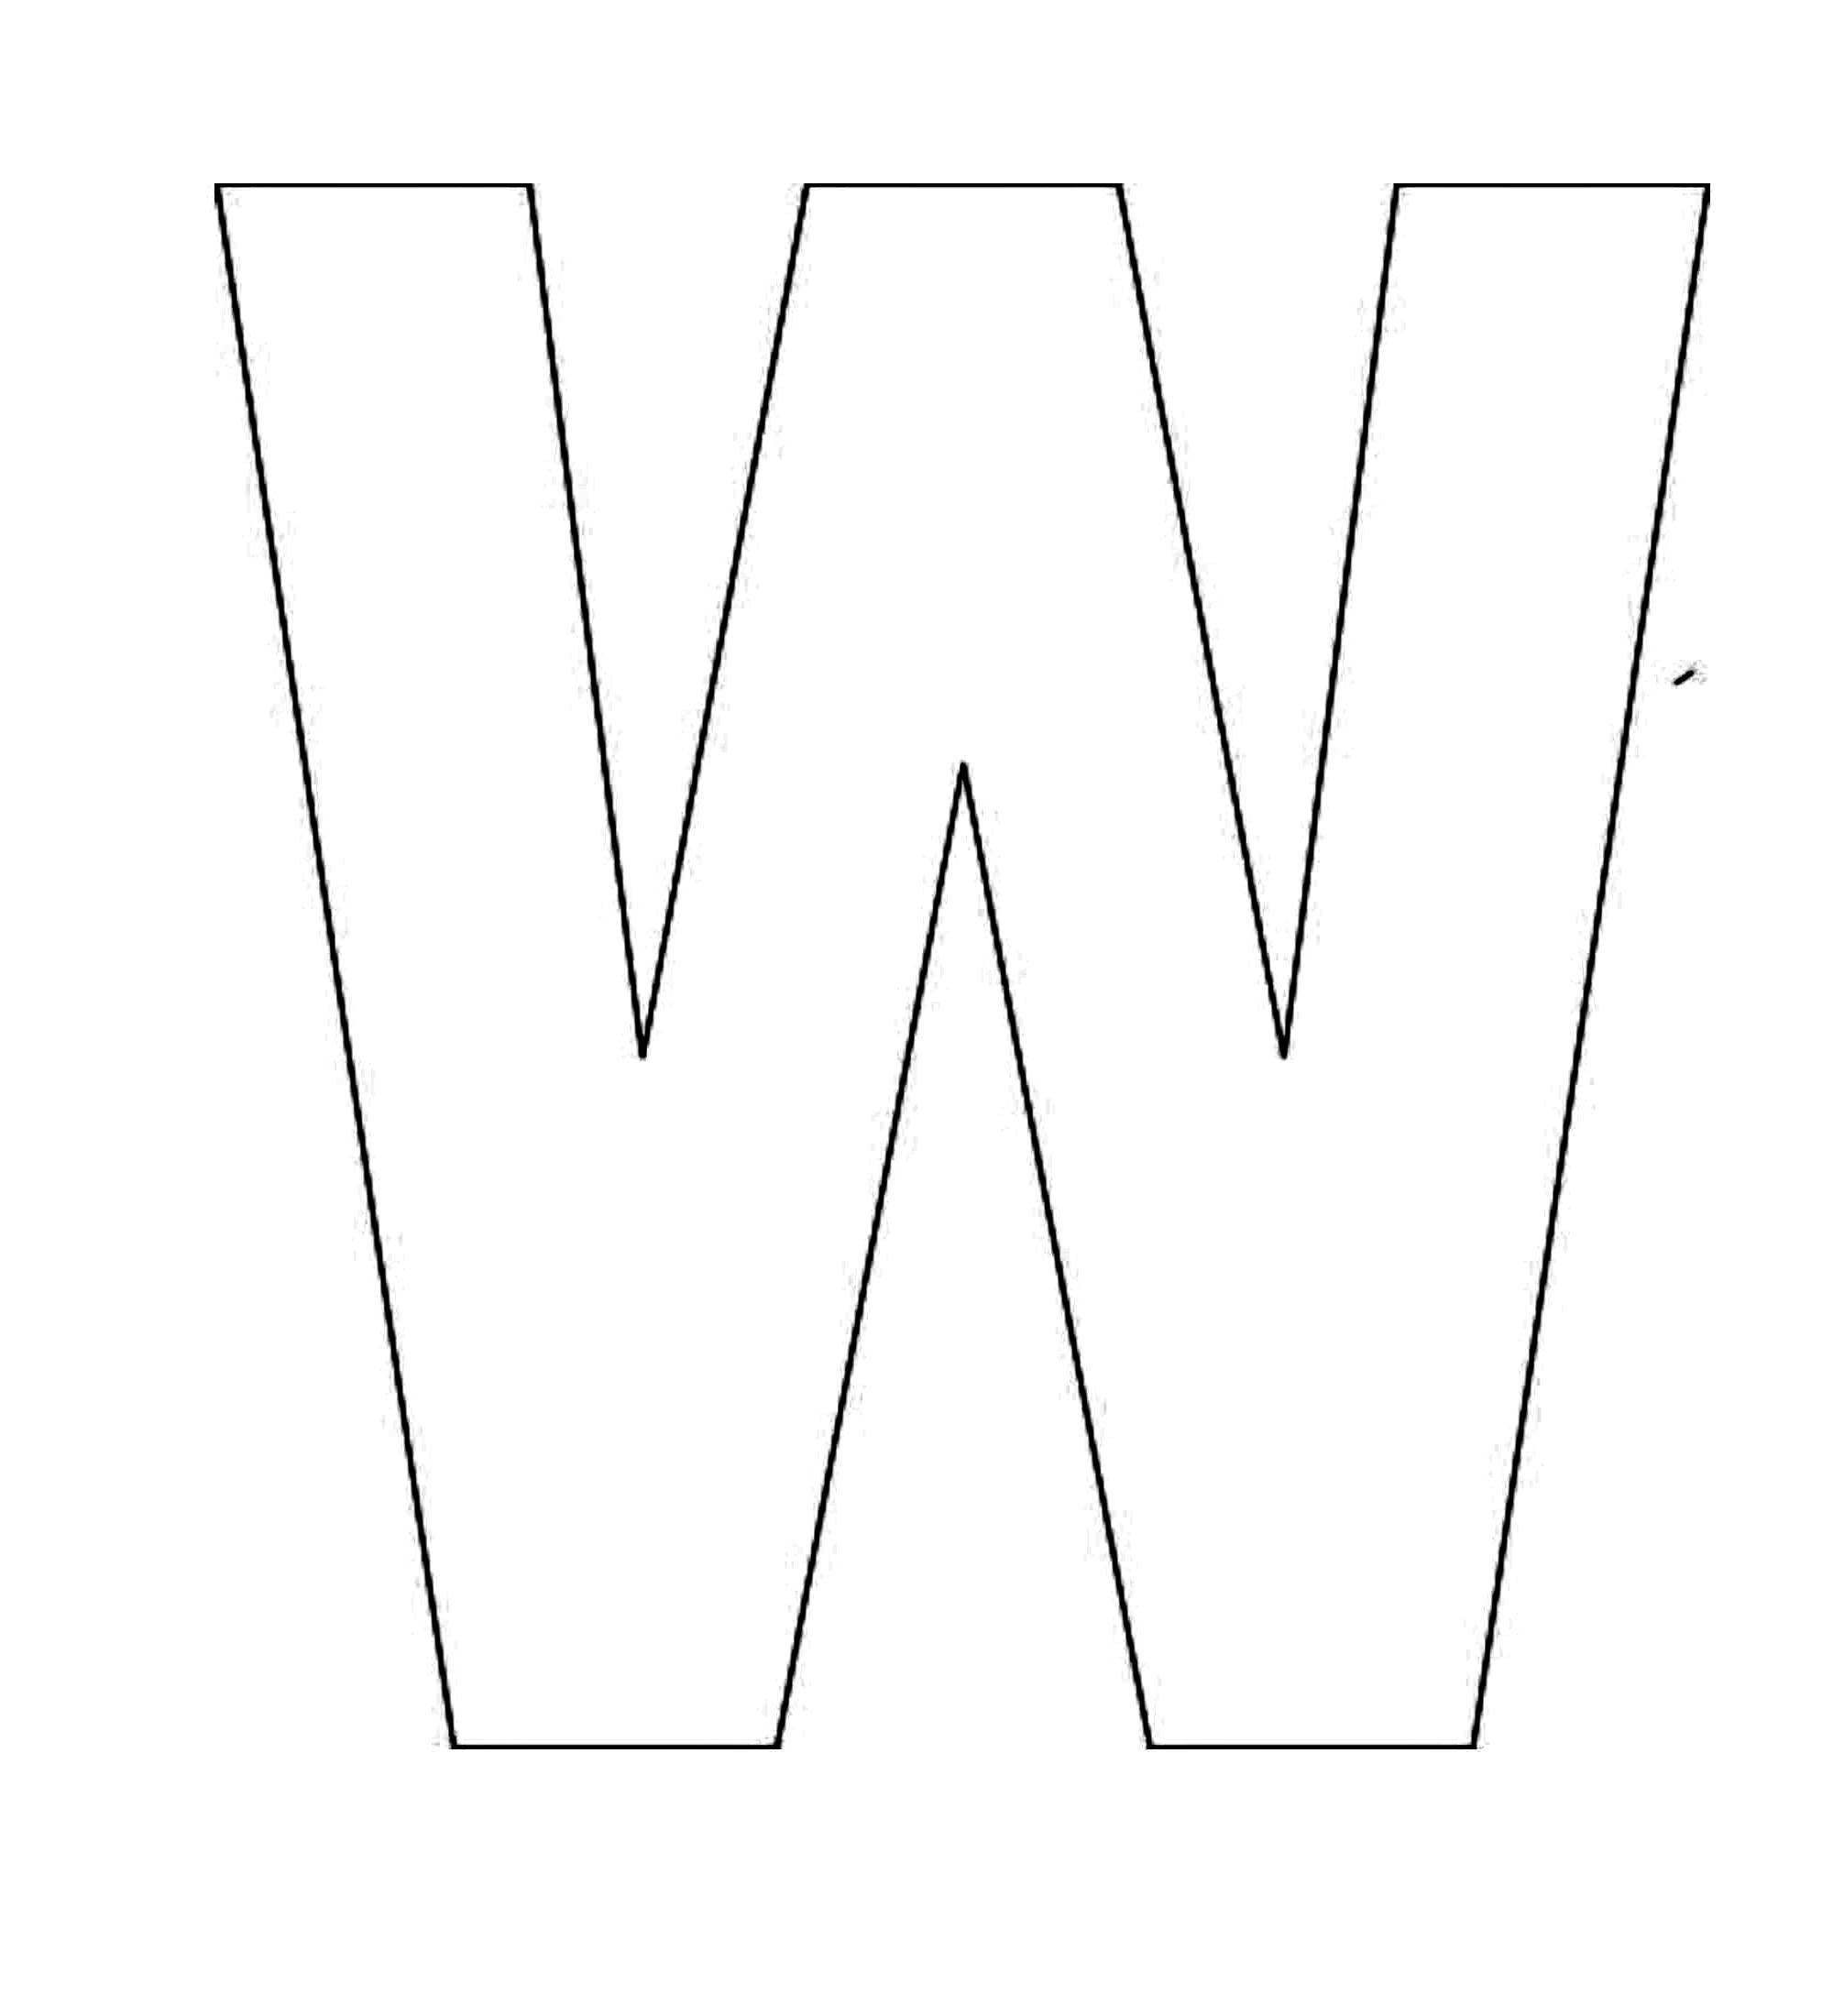 letter w template wwwvideotekaalextk